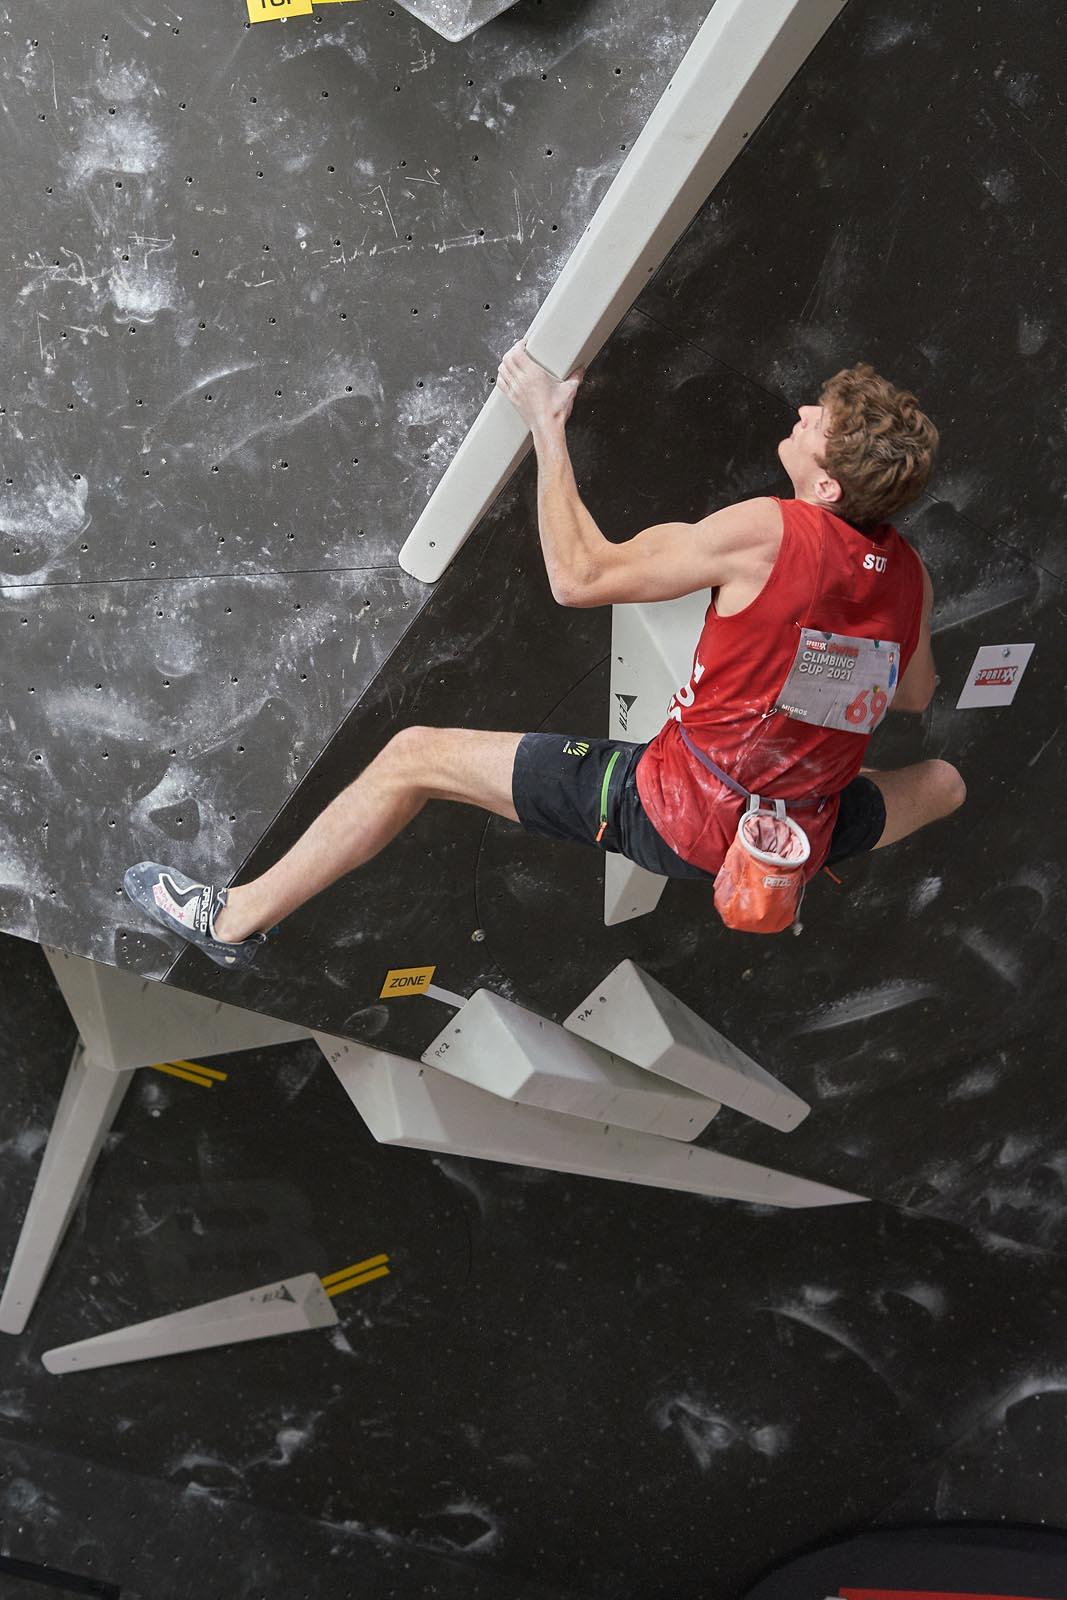 Impressionen Schweizermeisterschaft 2021 | B2 Boulders & Bar